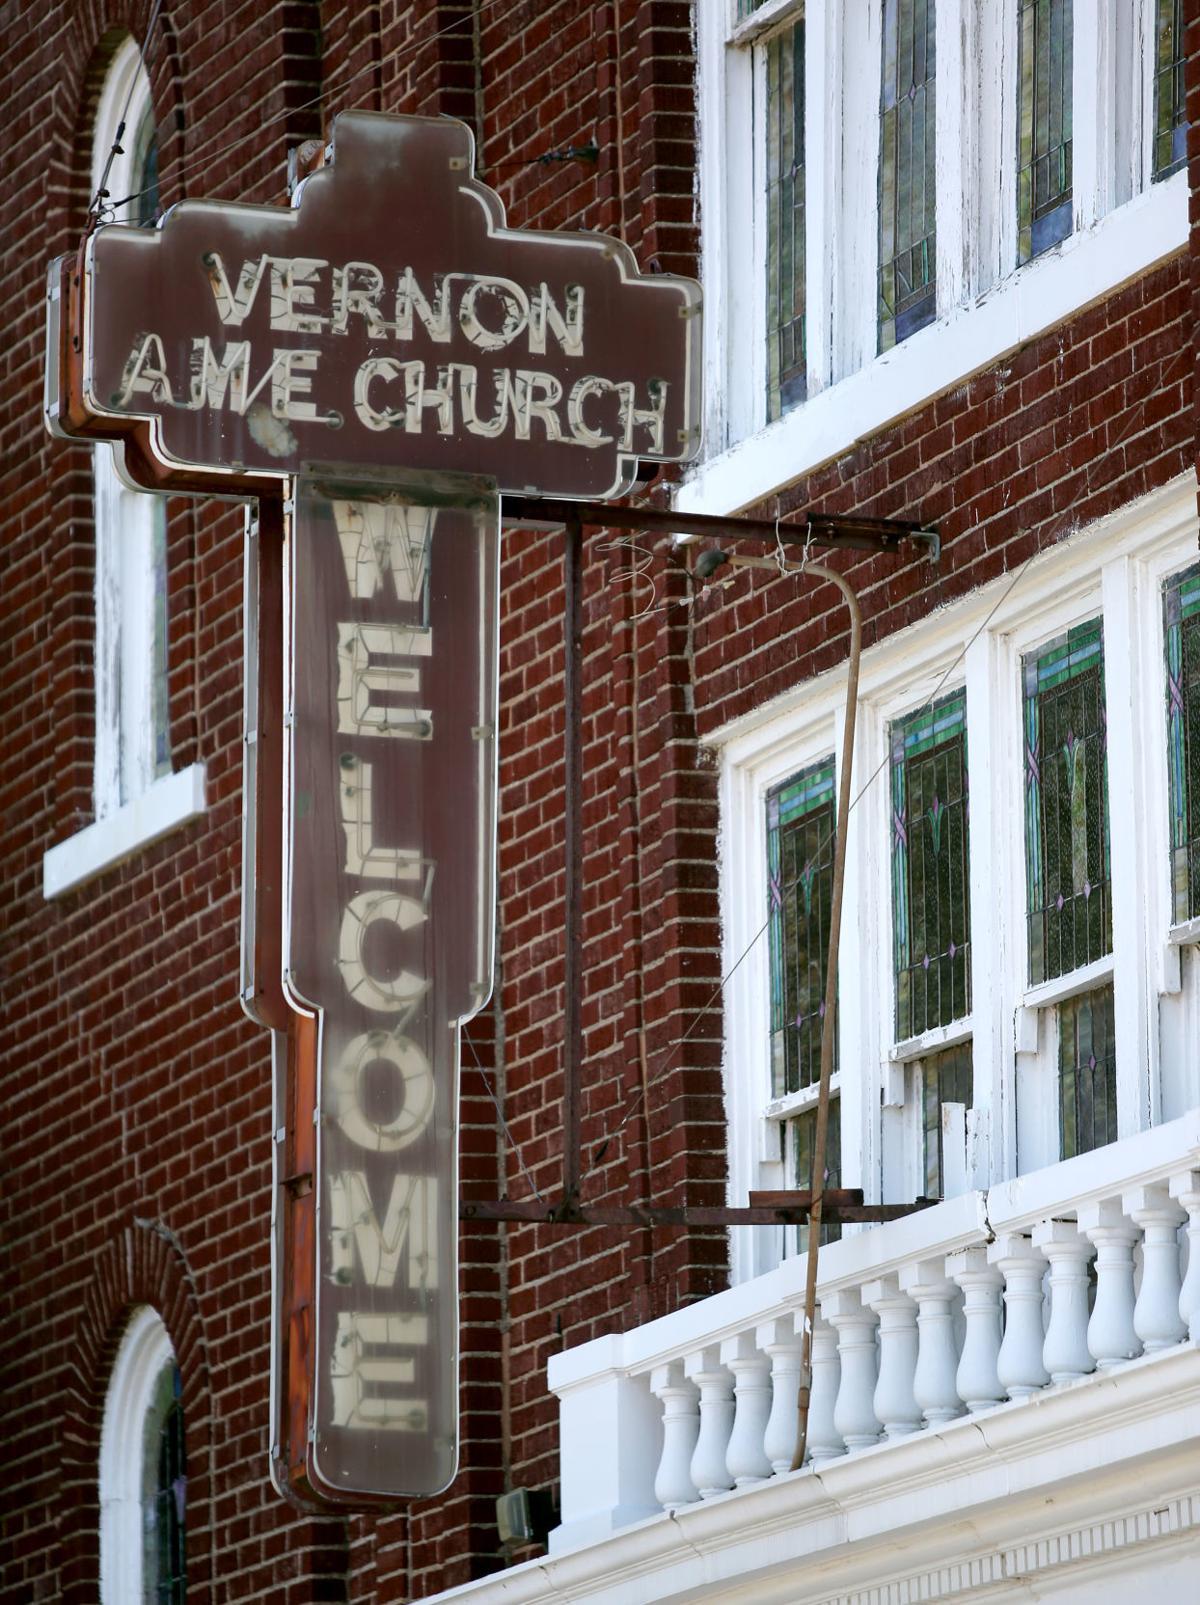 Vernon AME